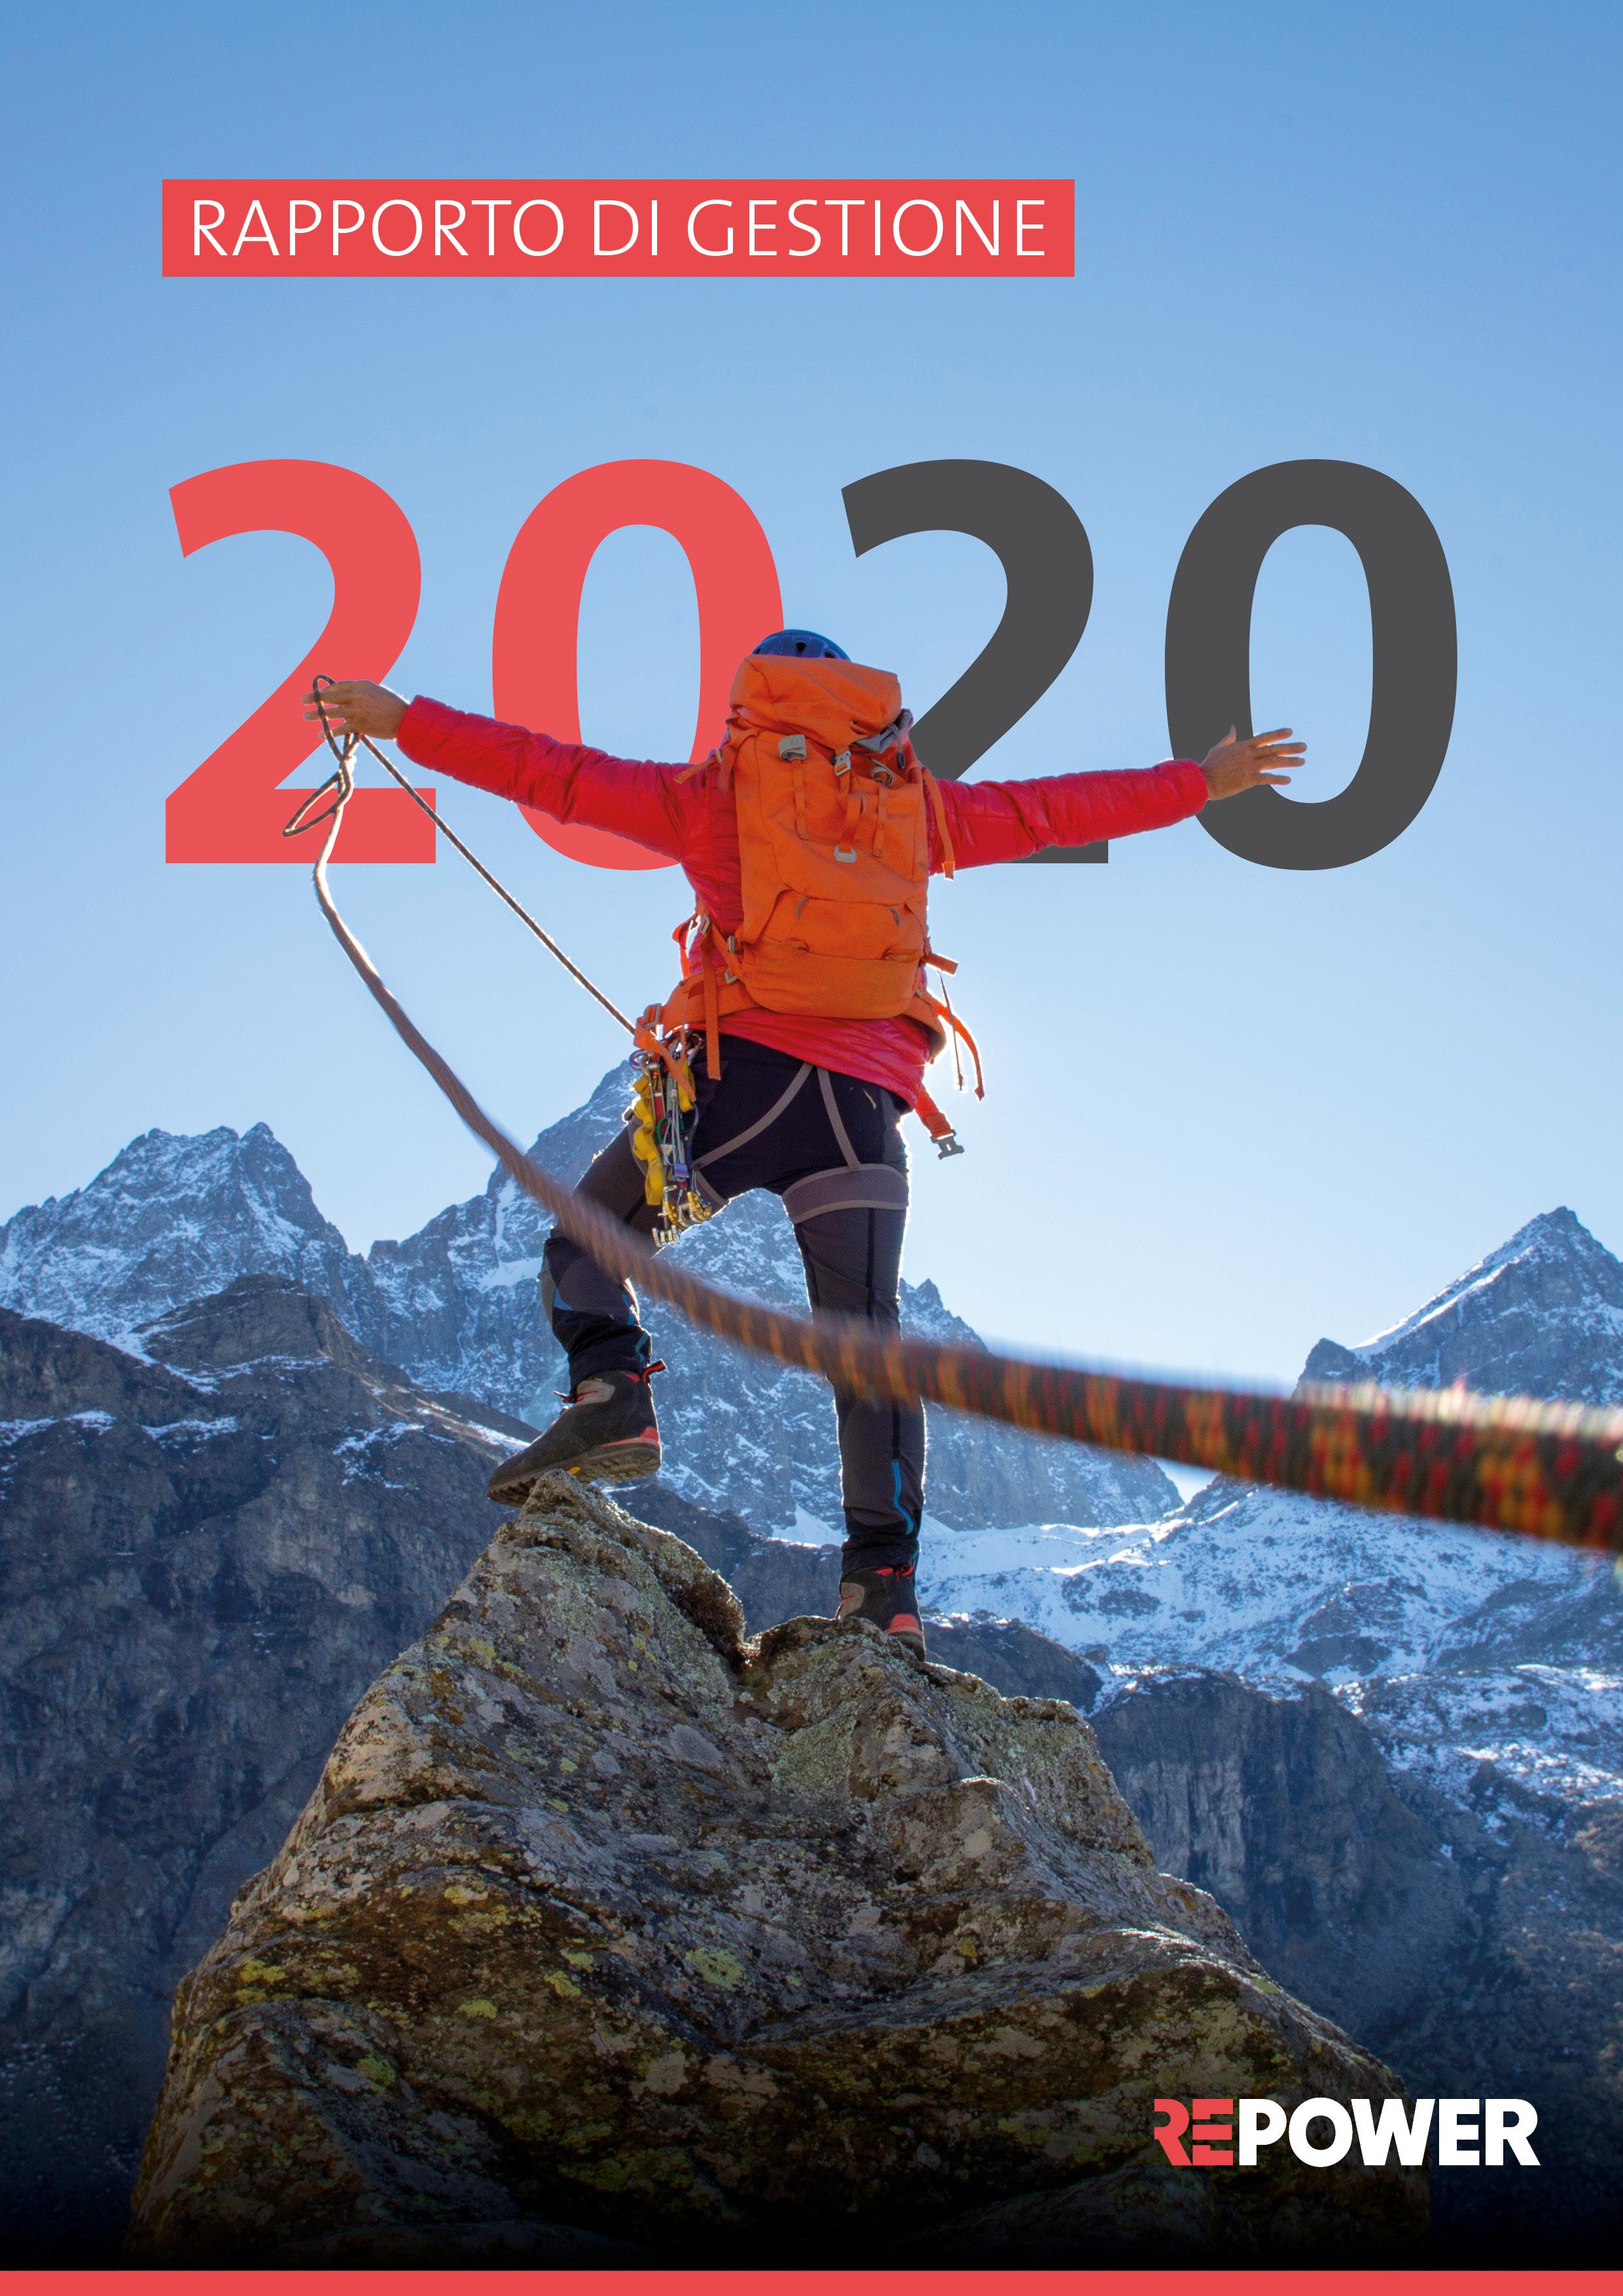 Rapporto di gestione 2020 – Versione completa preview